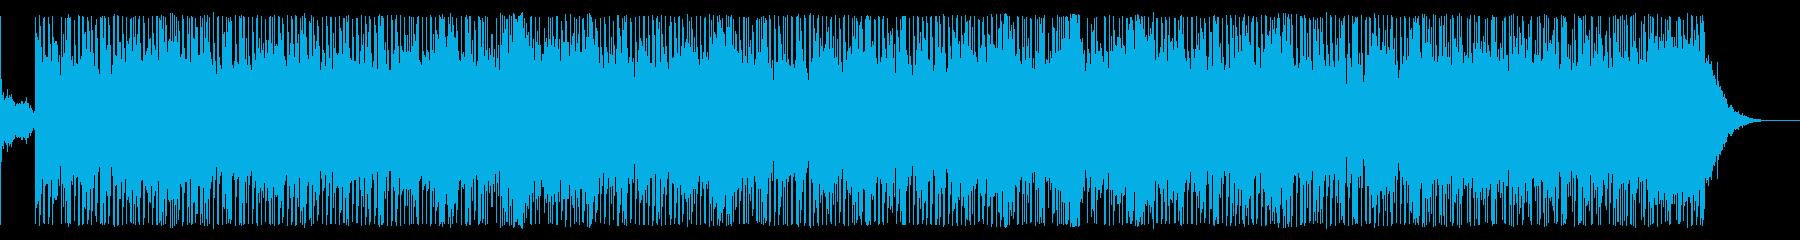 緊迫の審判が下る疾走失踪テクノトランスの再生済みの波形